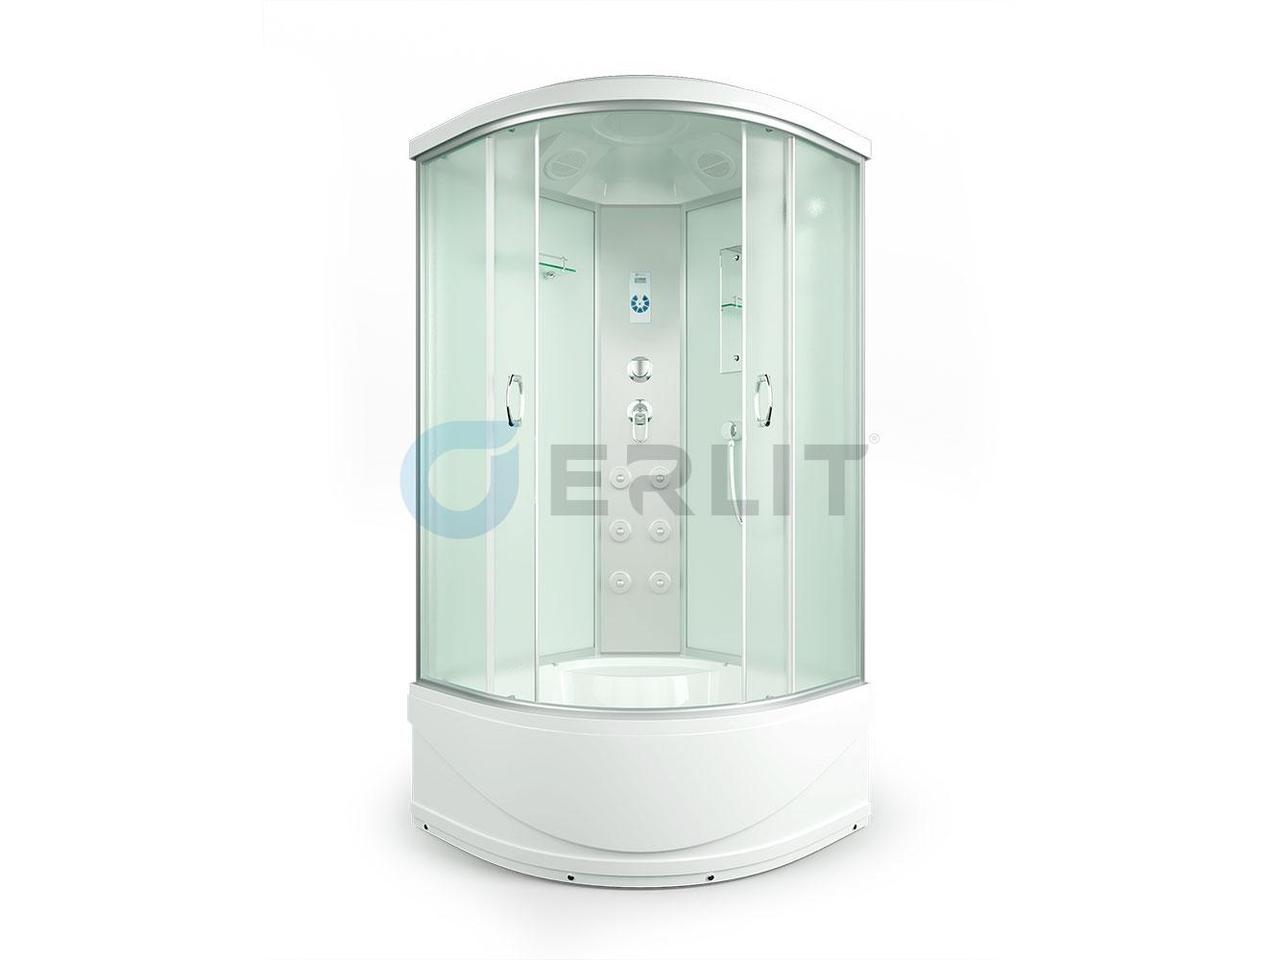 Душевая кабина Erlit ER4510TP -C3 Кабина 100 х 100 см.  Высокий поддон, светлое стекло.